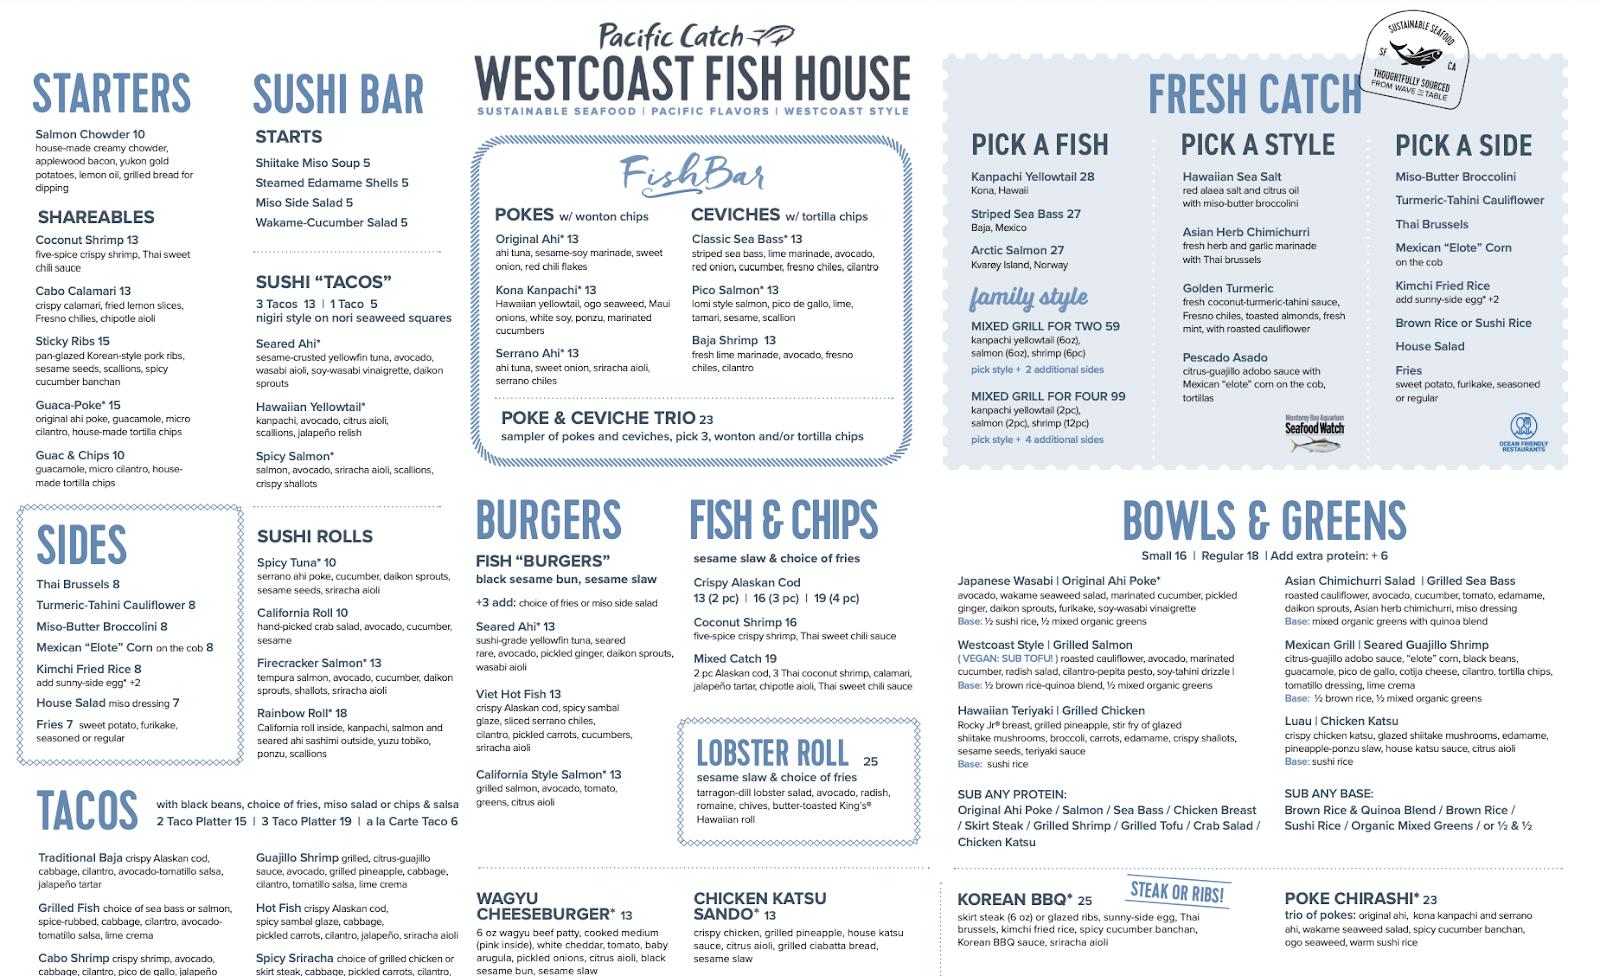 pacific-catch-restaurant-menu-example